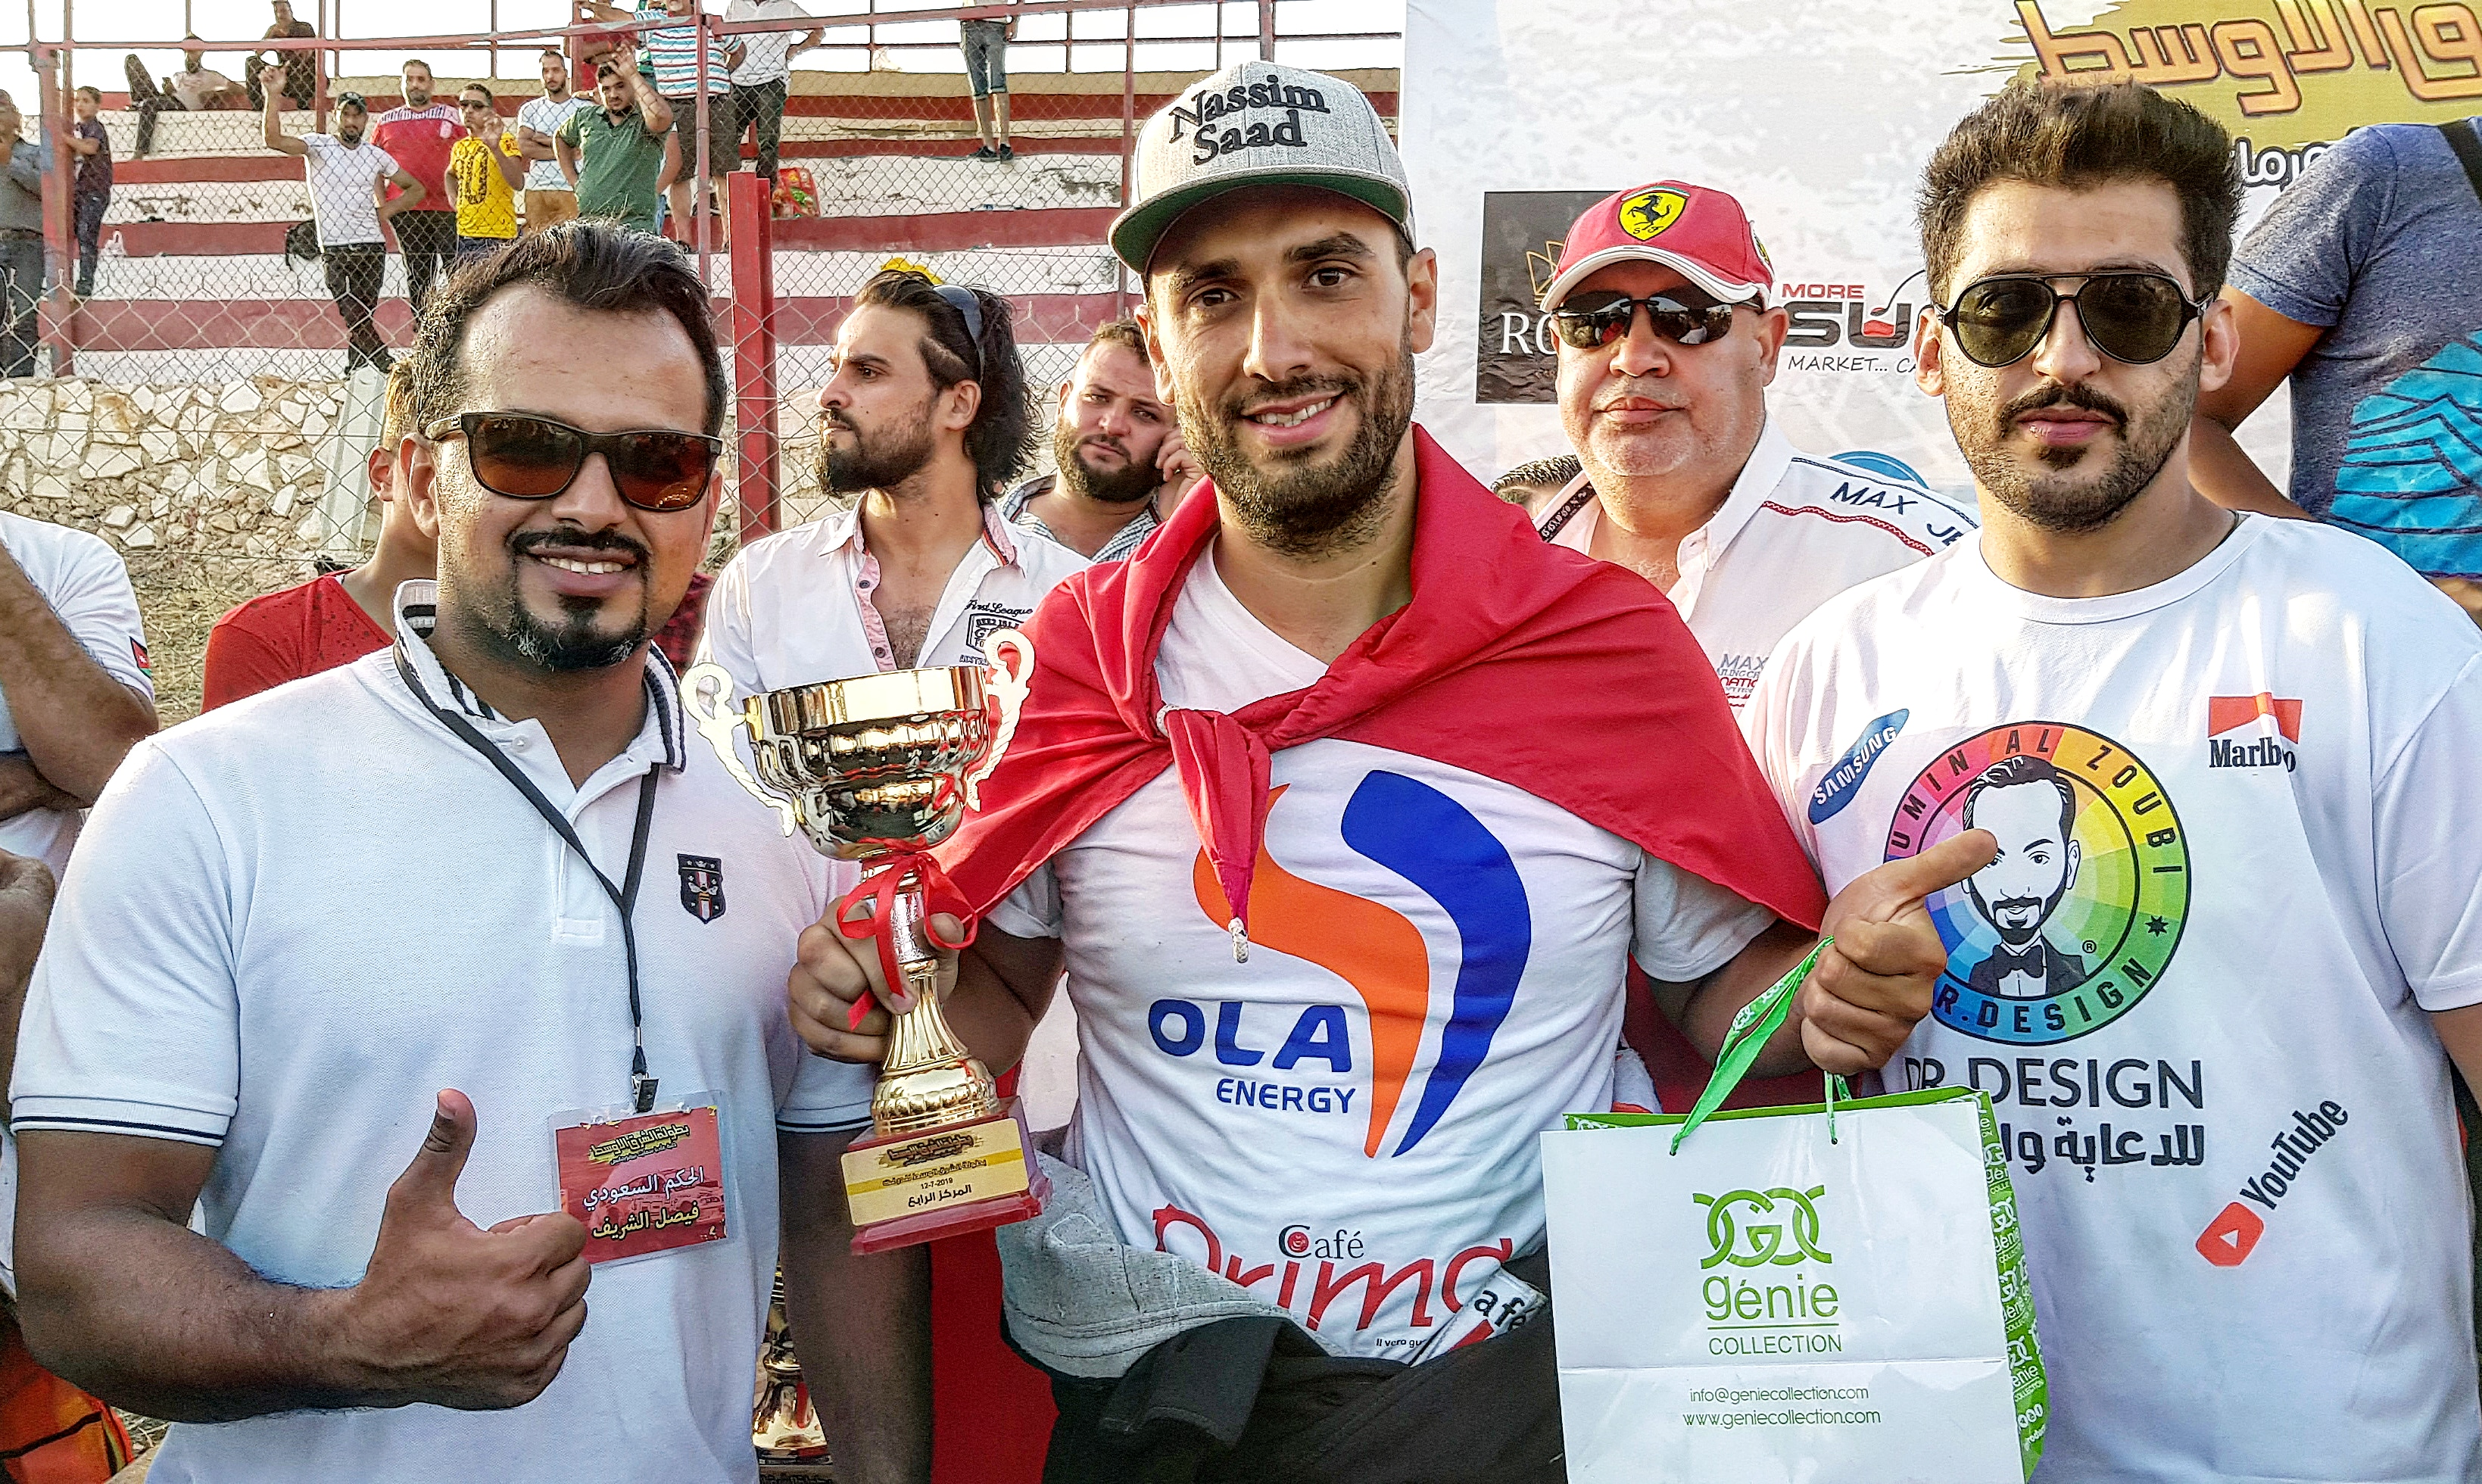 """نسيم سعد يفوز بكأس المرتبة الرّابعة """"عربيّا""""في بطولة الشّرق الأوسط للدّرفت:"""